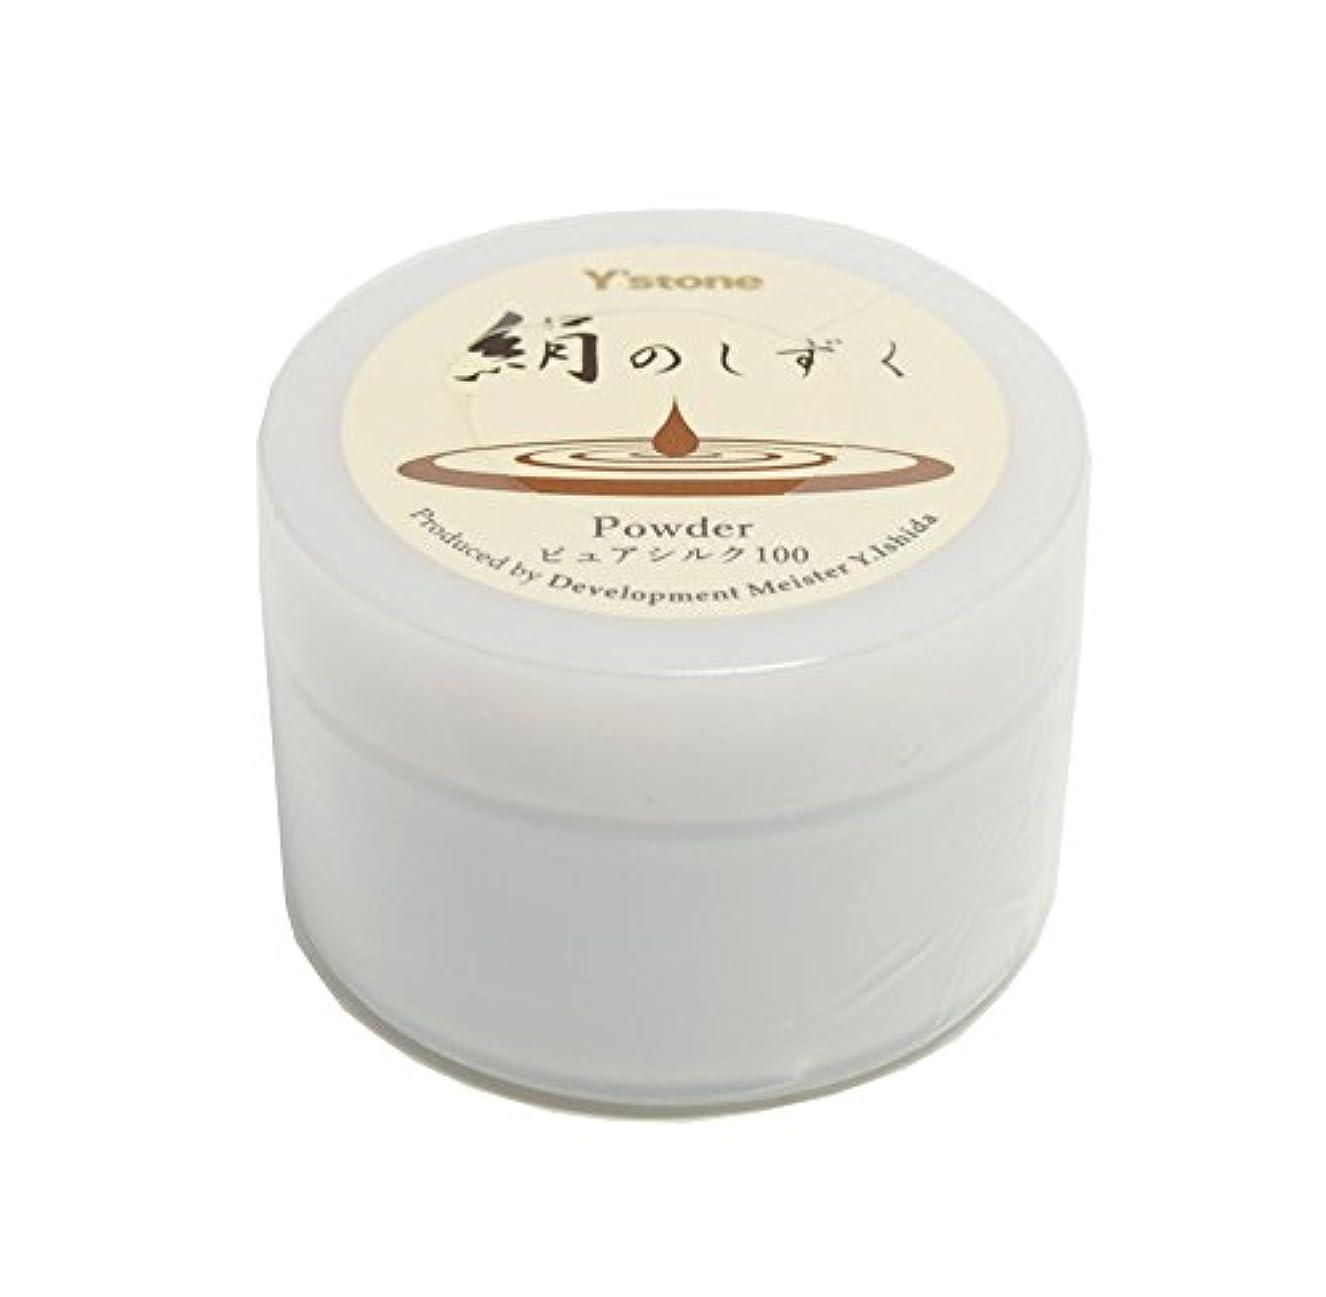 正規化種固有の絹のしずく シルクパウダー100 8g 国産シルク100% 使用。シルク(まゆ)を丸ごと使用☆自然の日焼けを防ぐ効果が期待